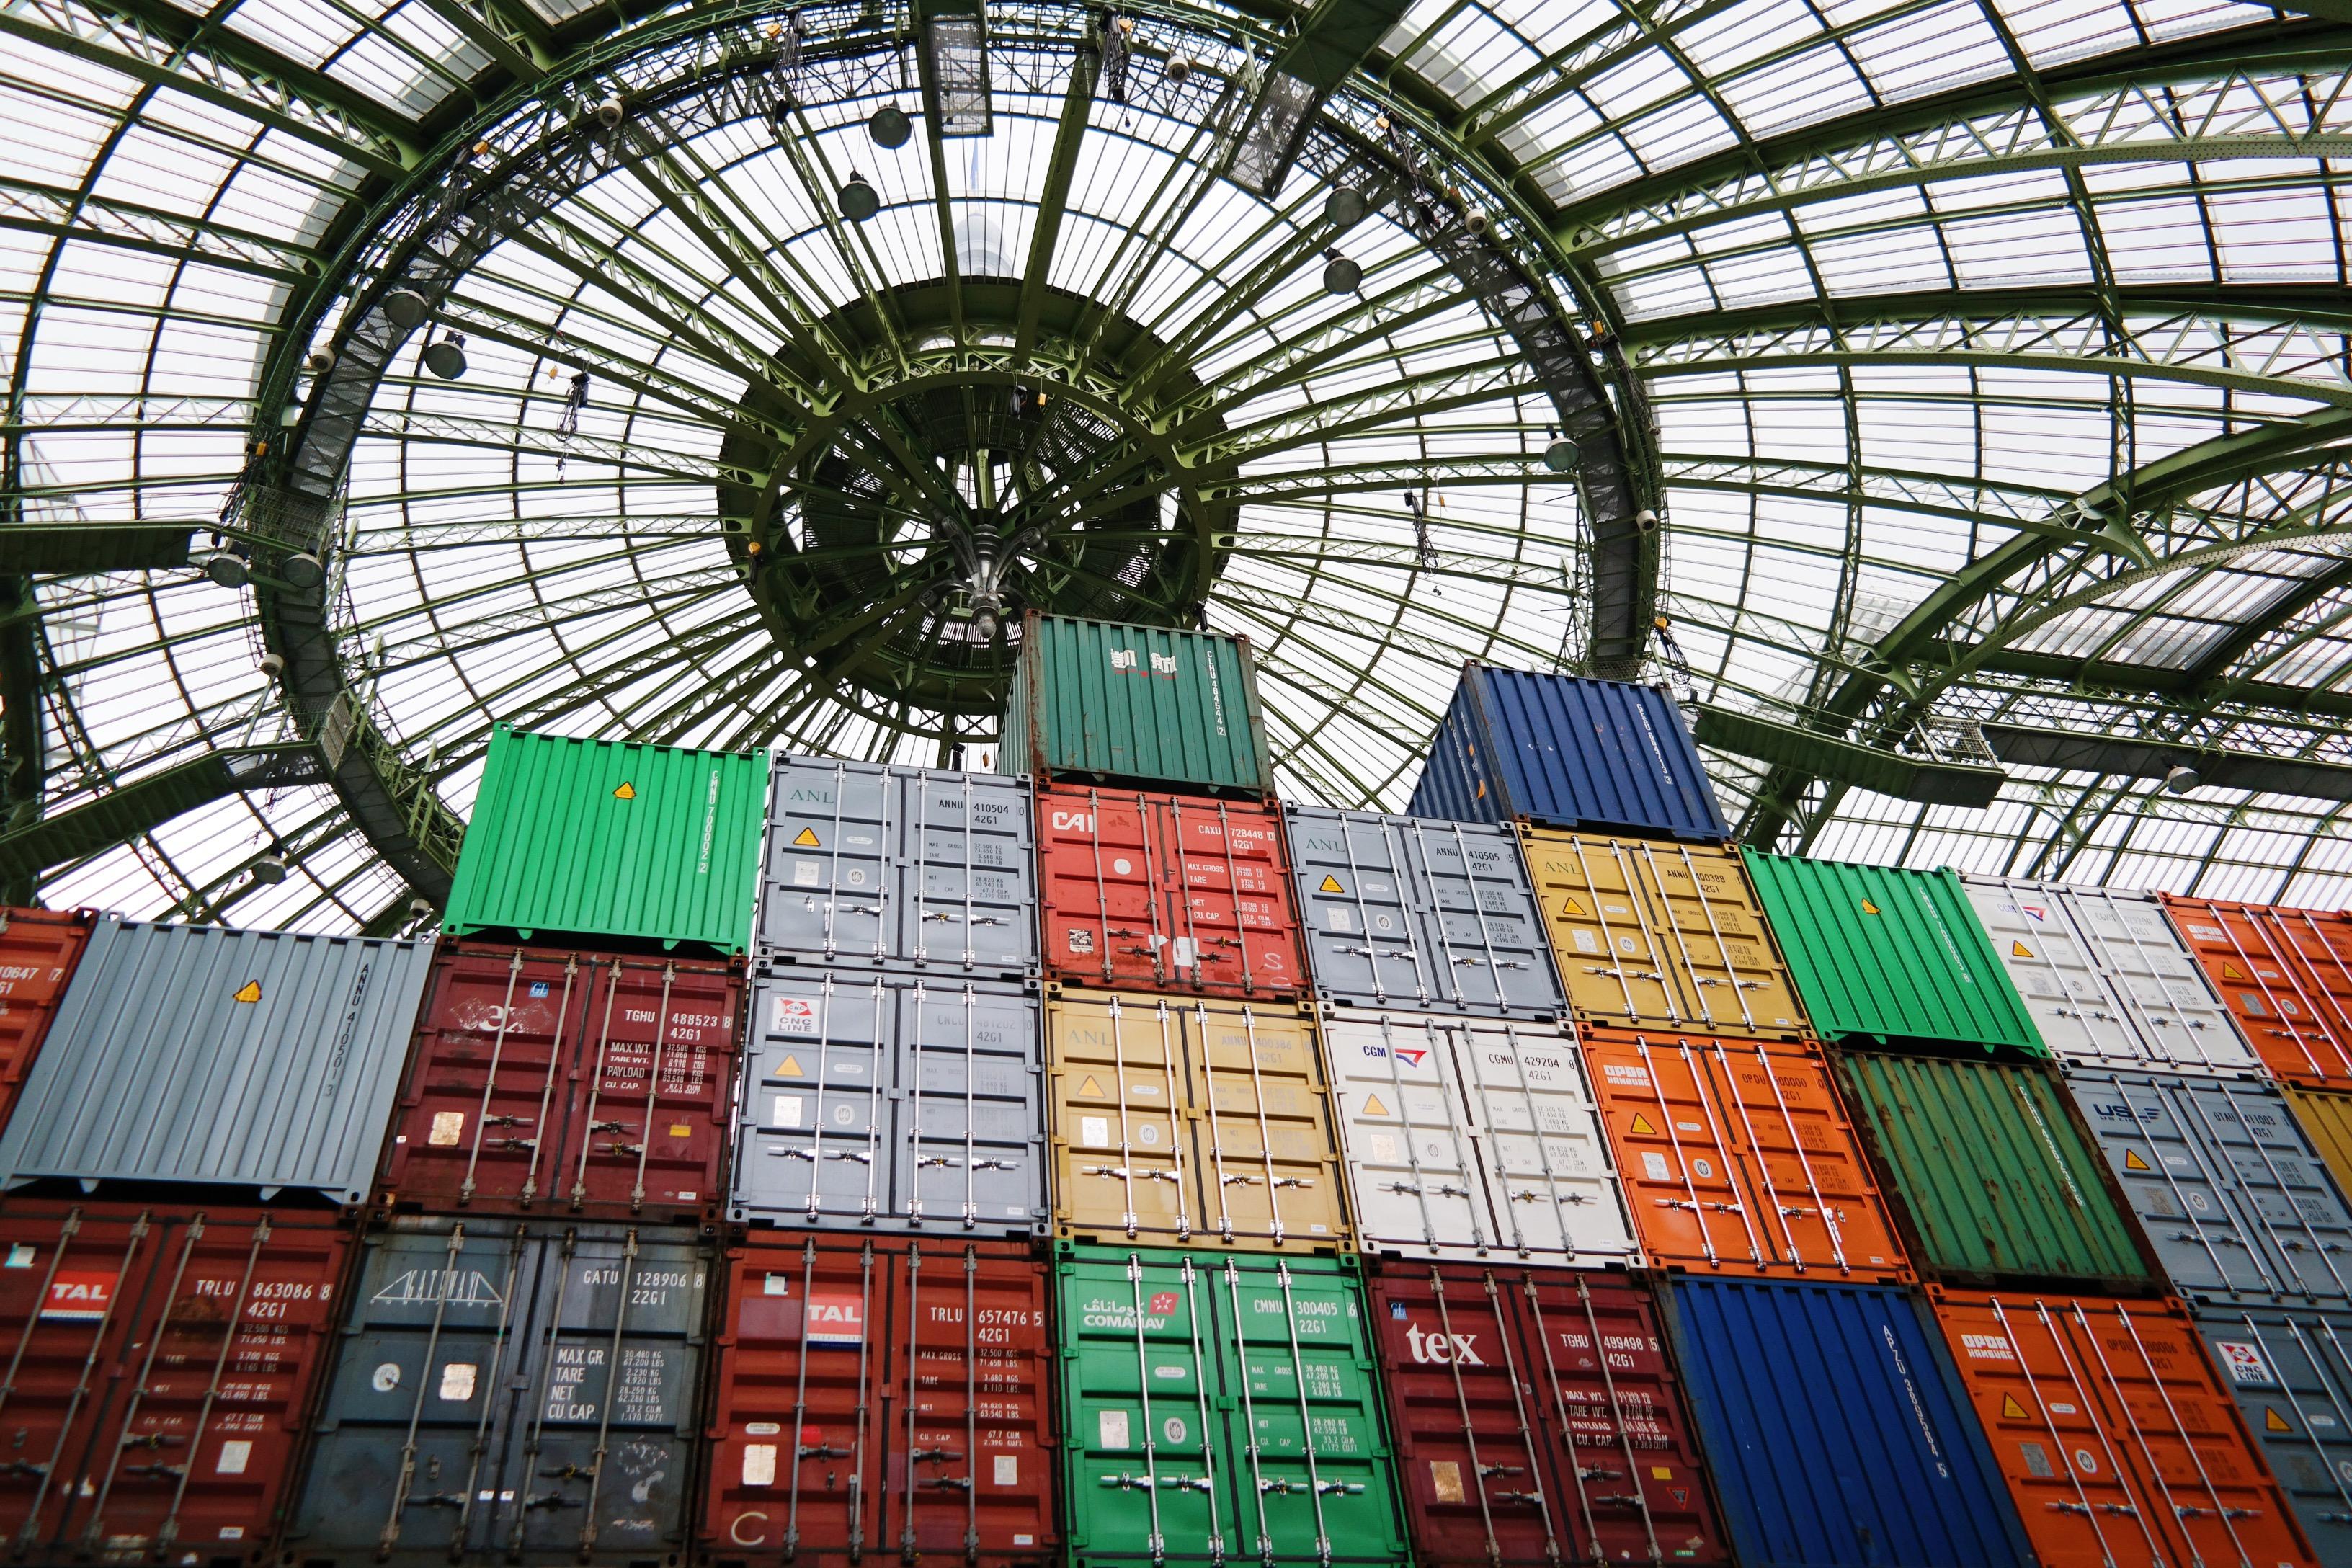 Monumenta-2016-Empires-Huang-Yong-Ping-Grand-Palais-Paris-containers-sous-verrière-coupole-Nef-kamel-Mennour-photo-usofparis-blog